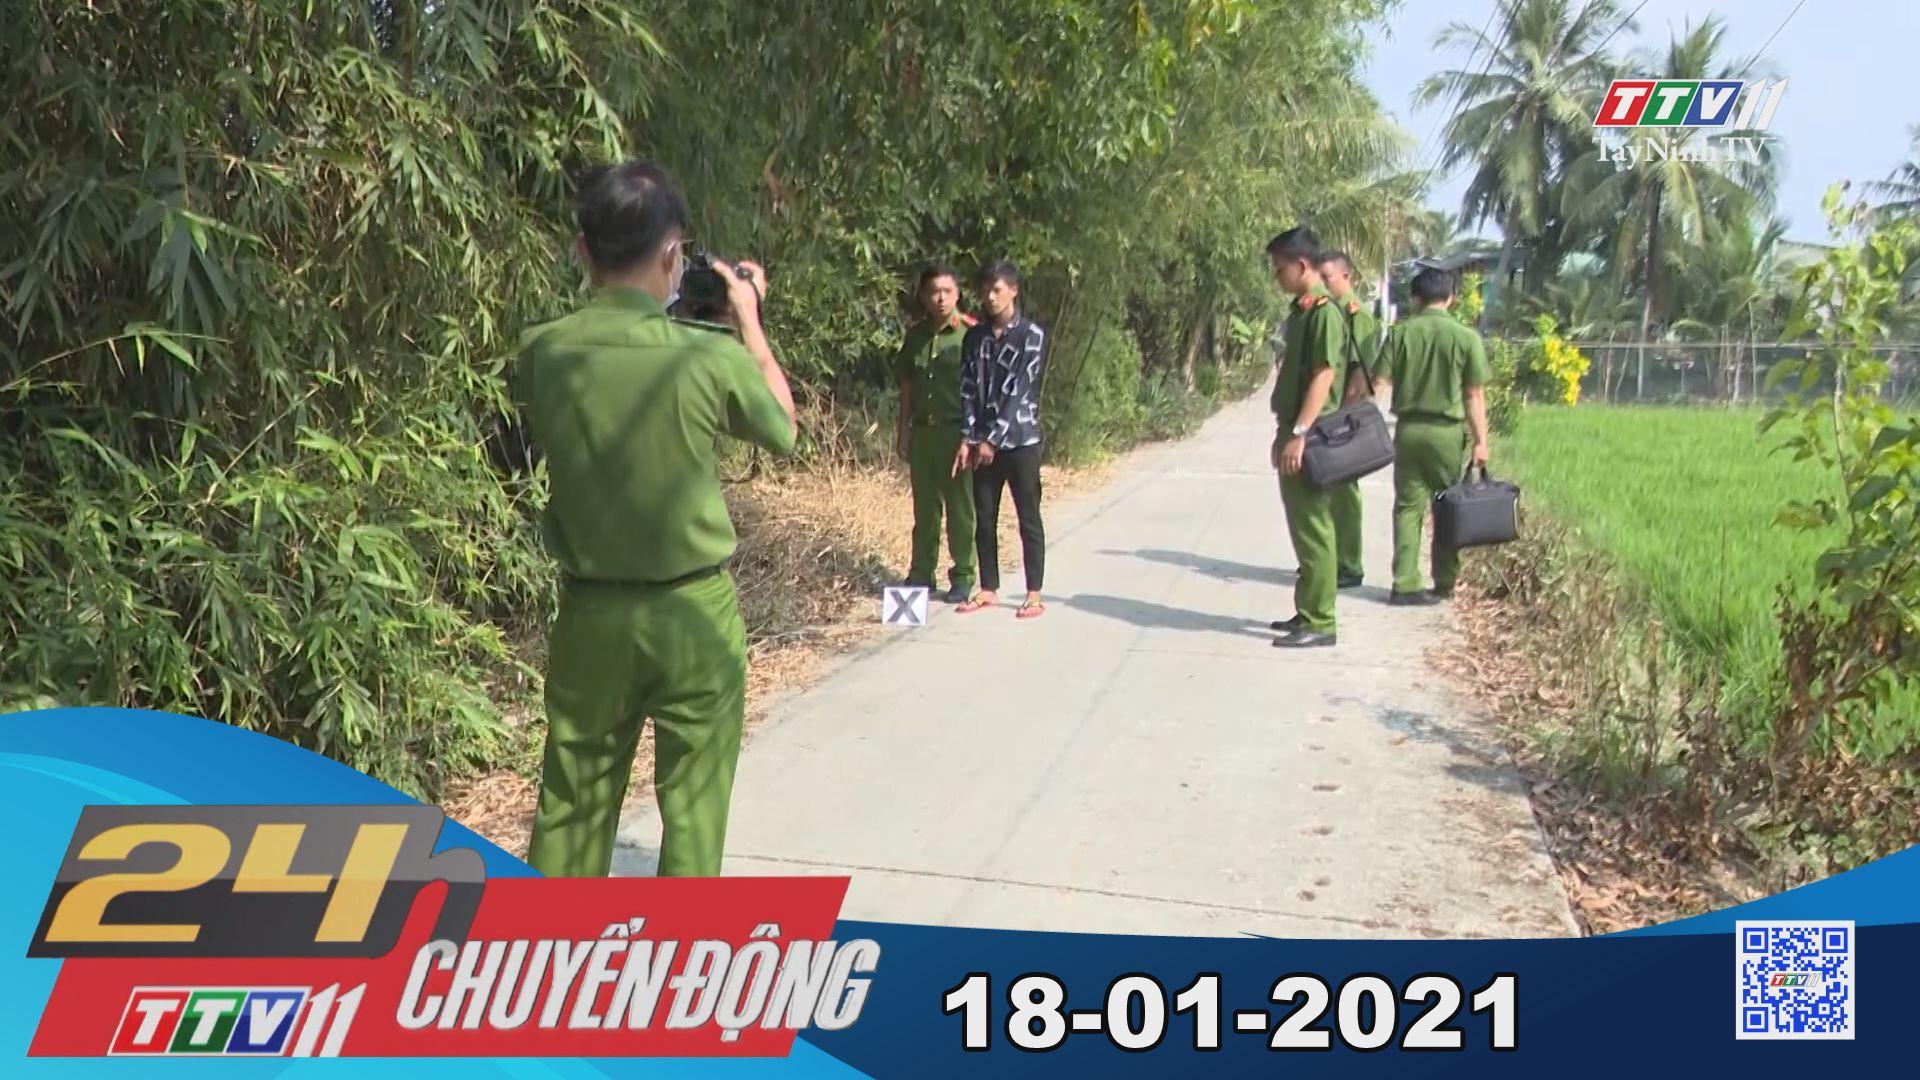 24h Chuyển động 18-01-2021 | Tin tức hôm nay | TayNinhTV